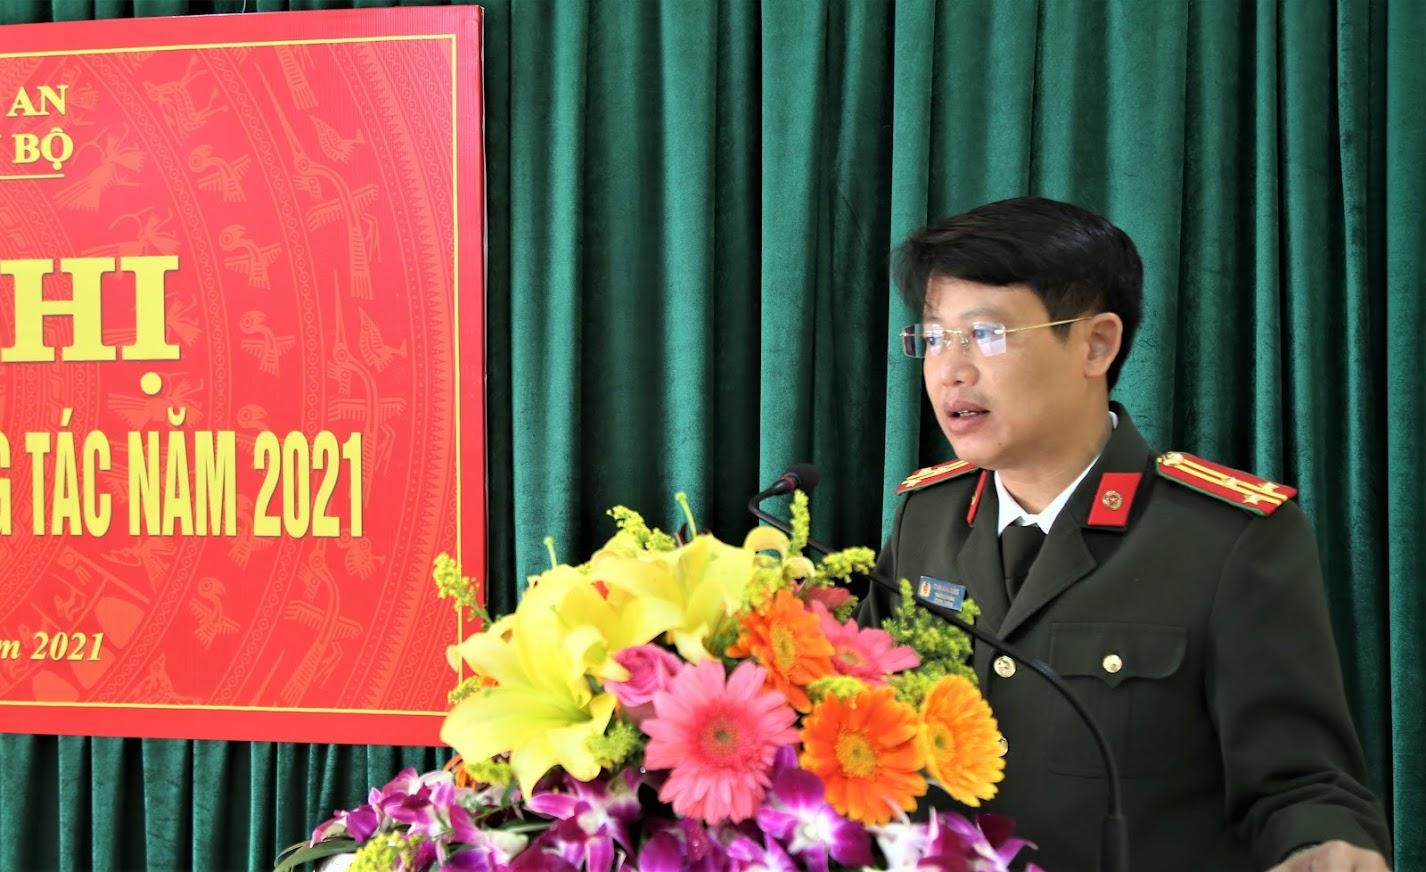 Thượng tá Đinh Anh Dũng, Trưởng Phòng Tổ chức cán bộ báo cáo kết quả công tác của đơn vị trong năm 2020